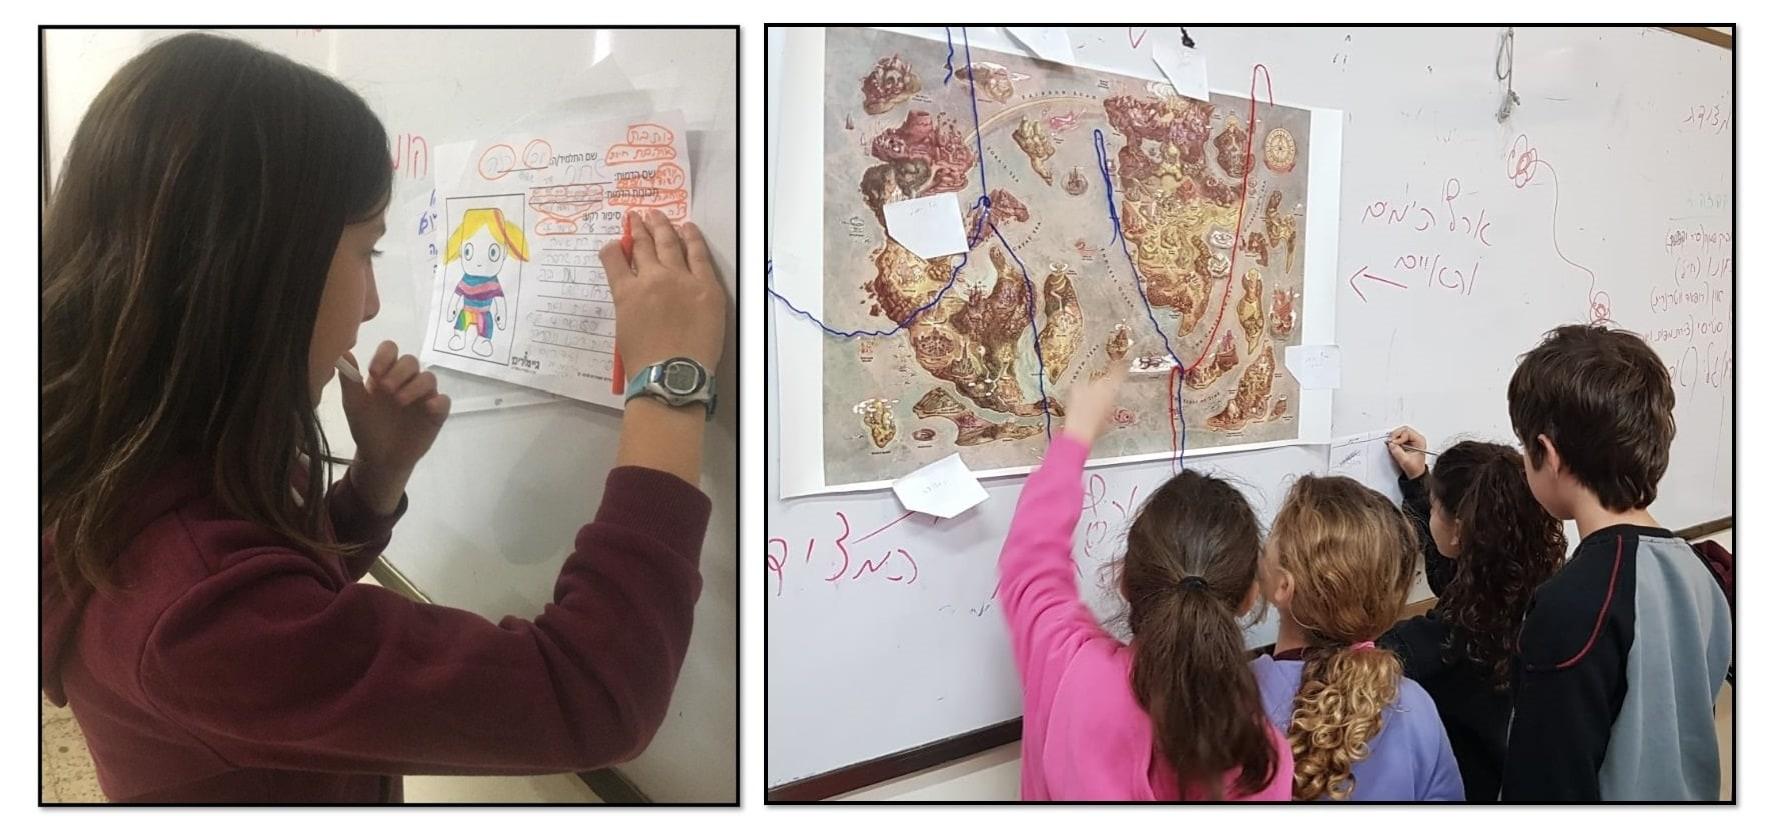 ילדים בשיעור למידה מבוססת משחק